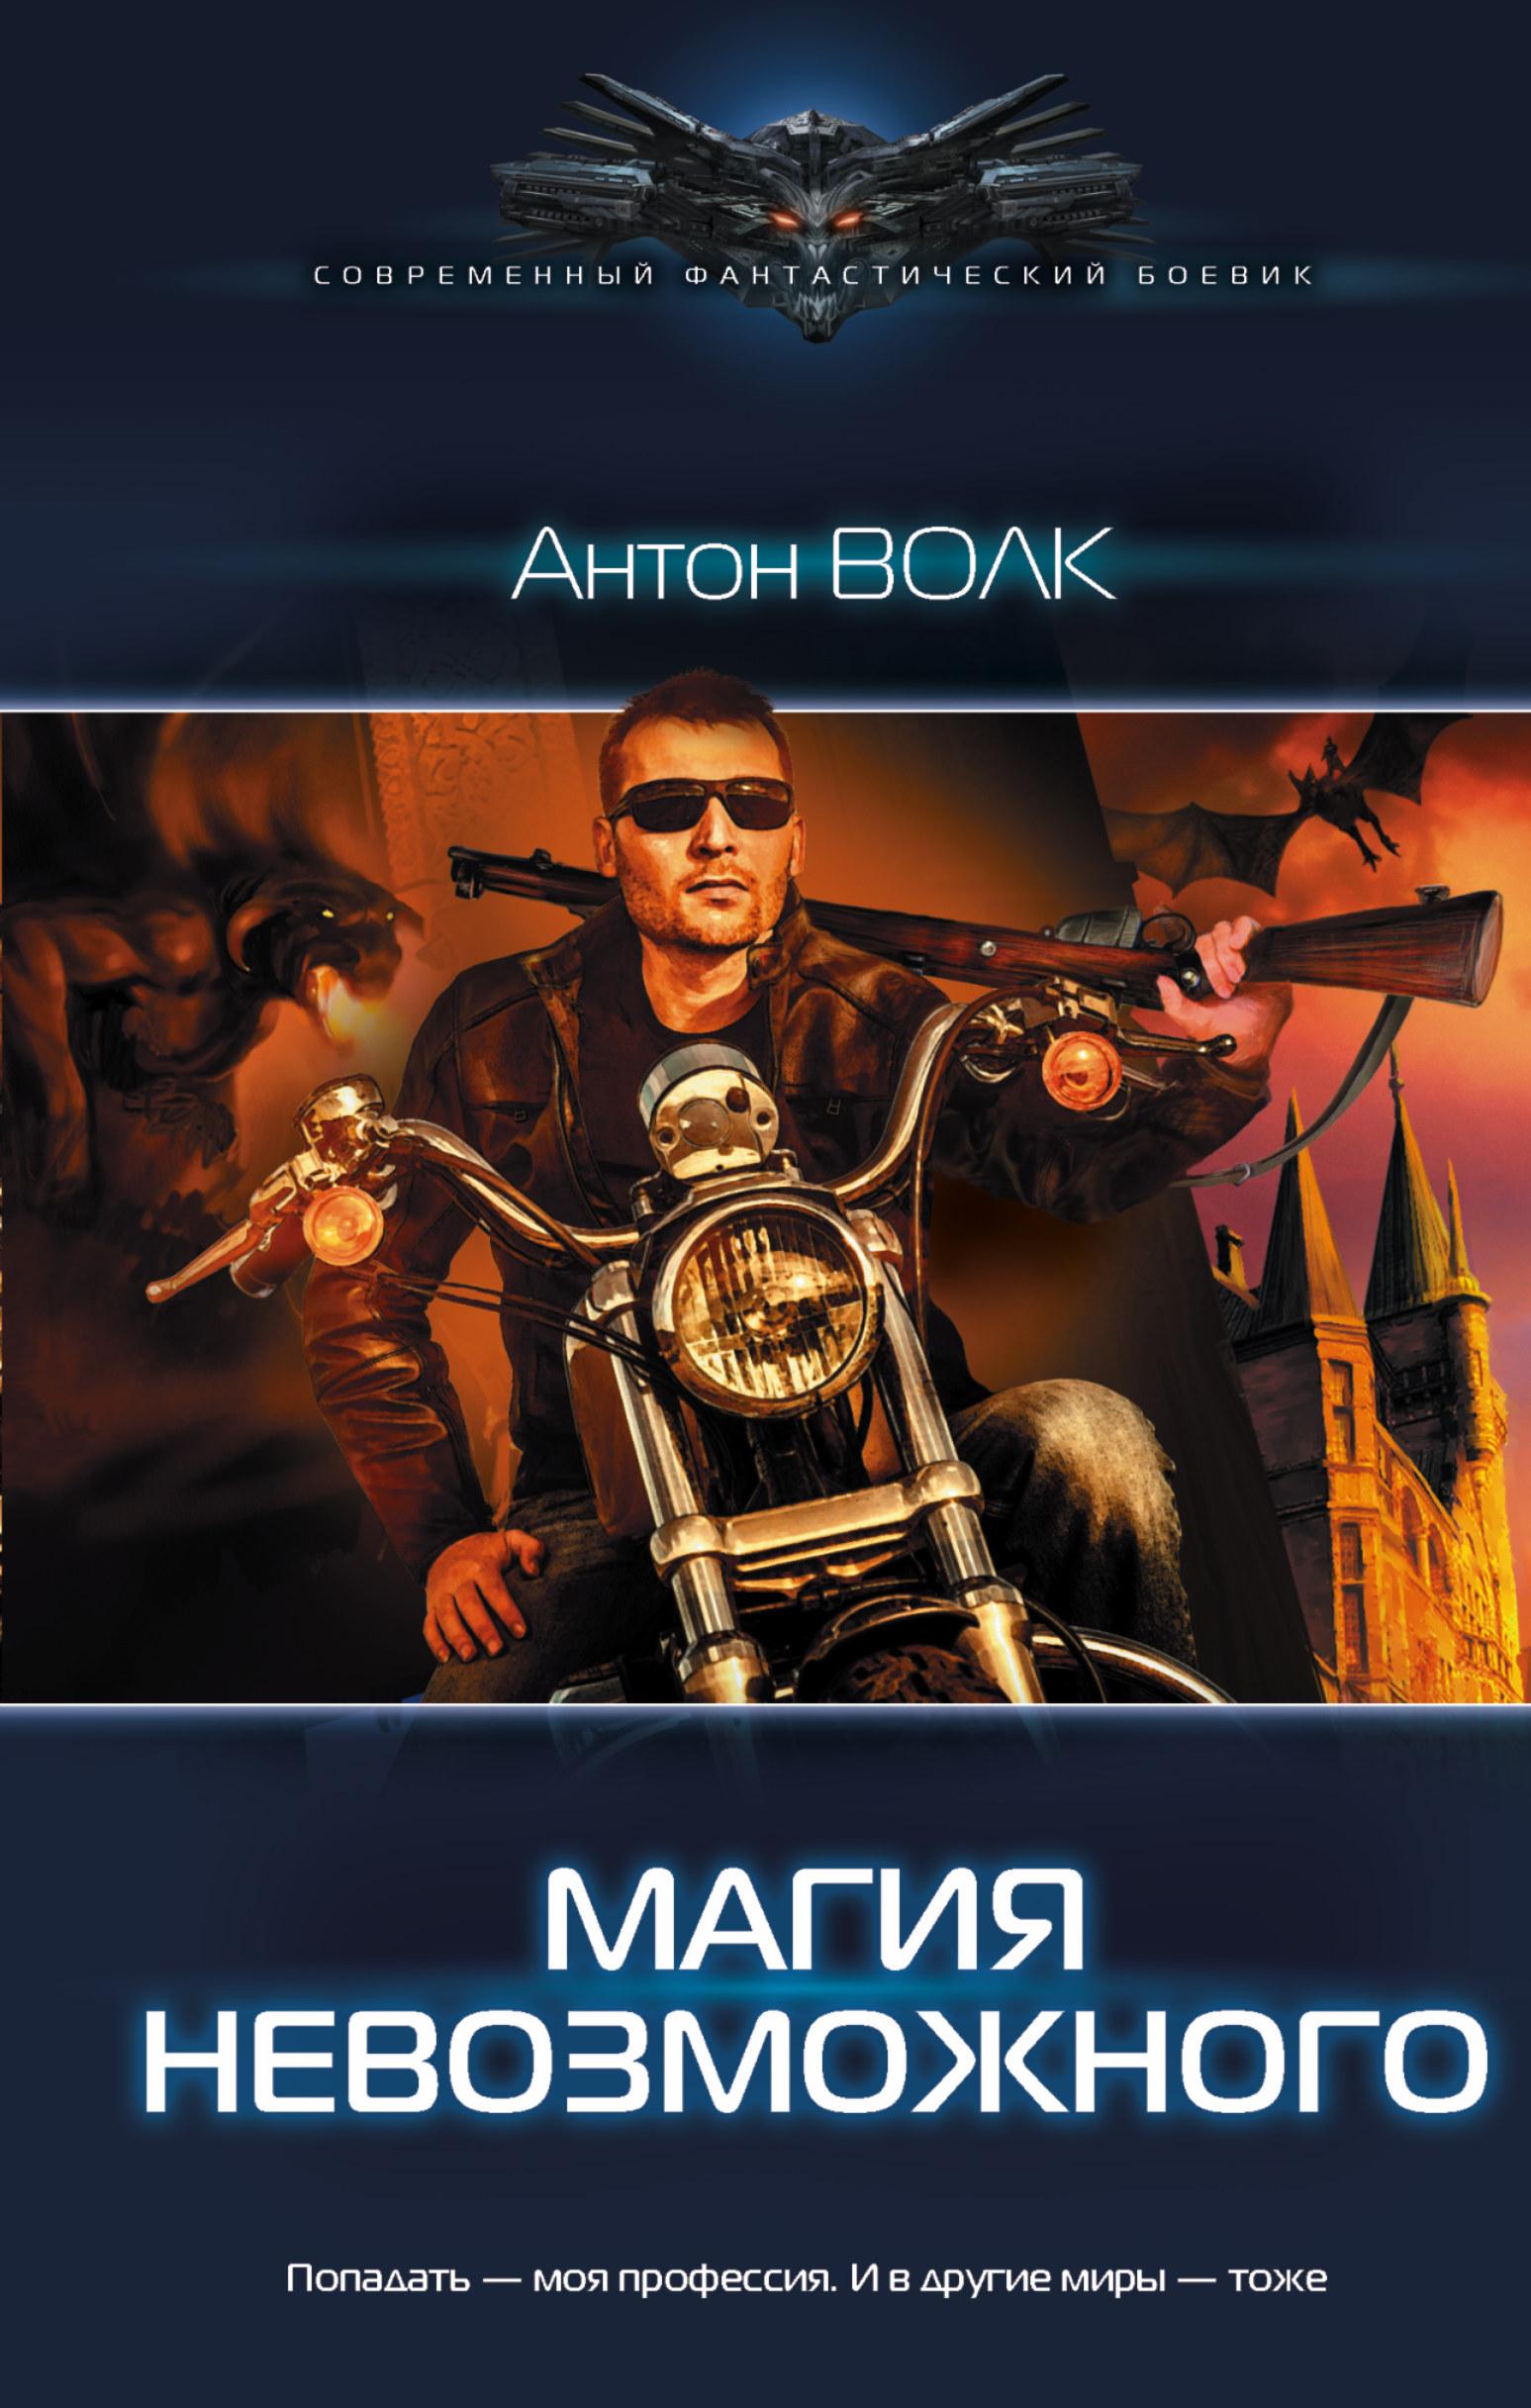 Волк Антон Магия невозможного антон иванов загадка исчезнувшего друга